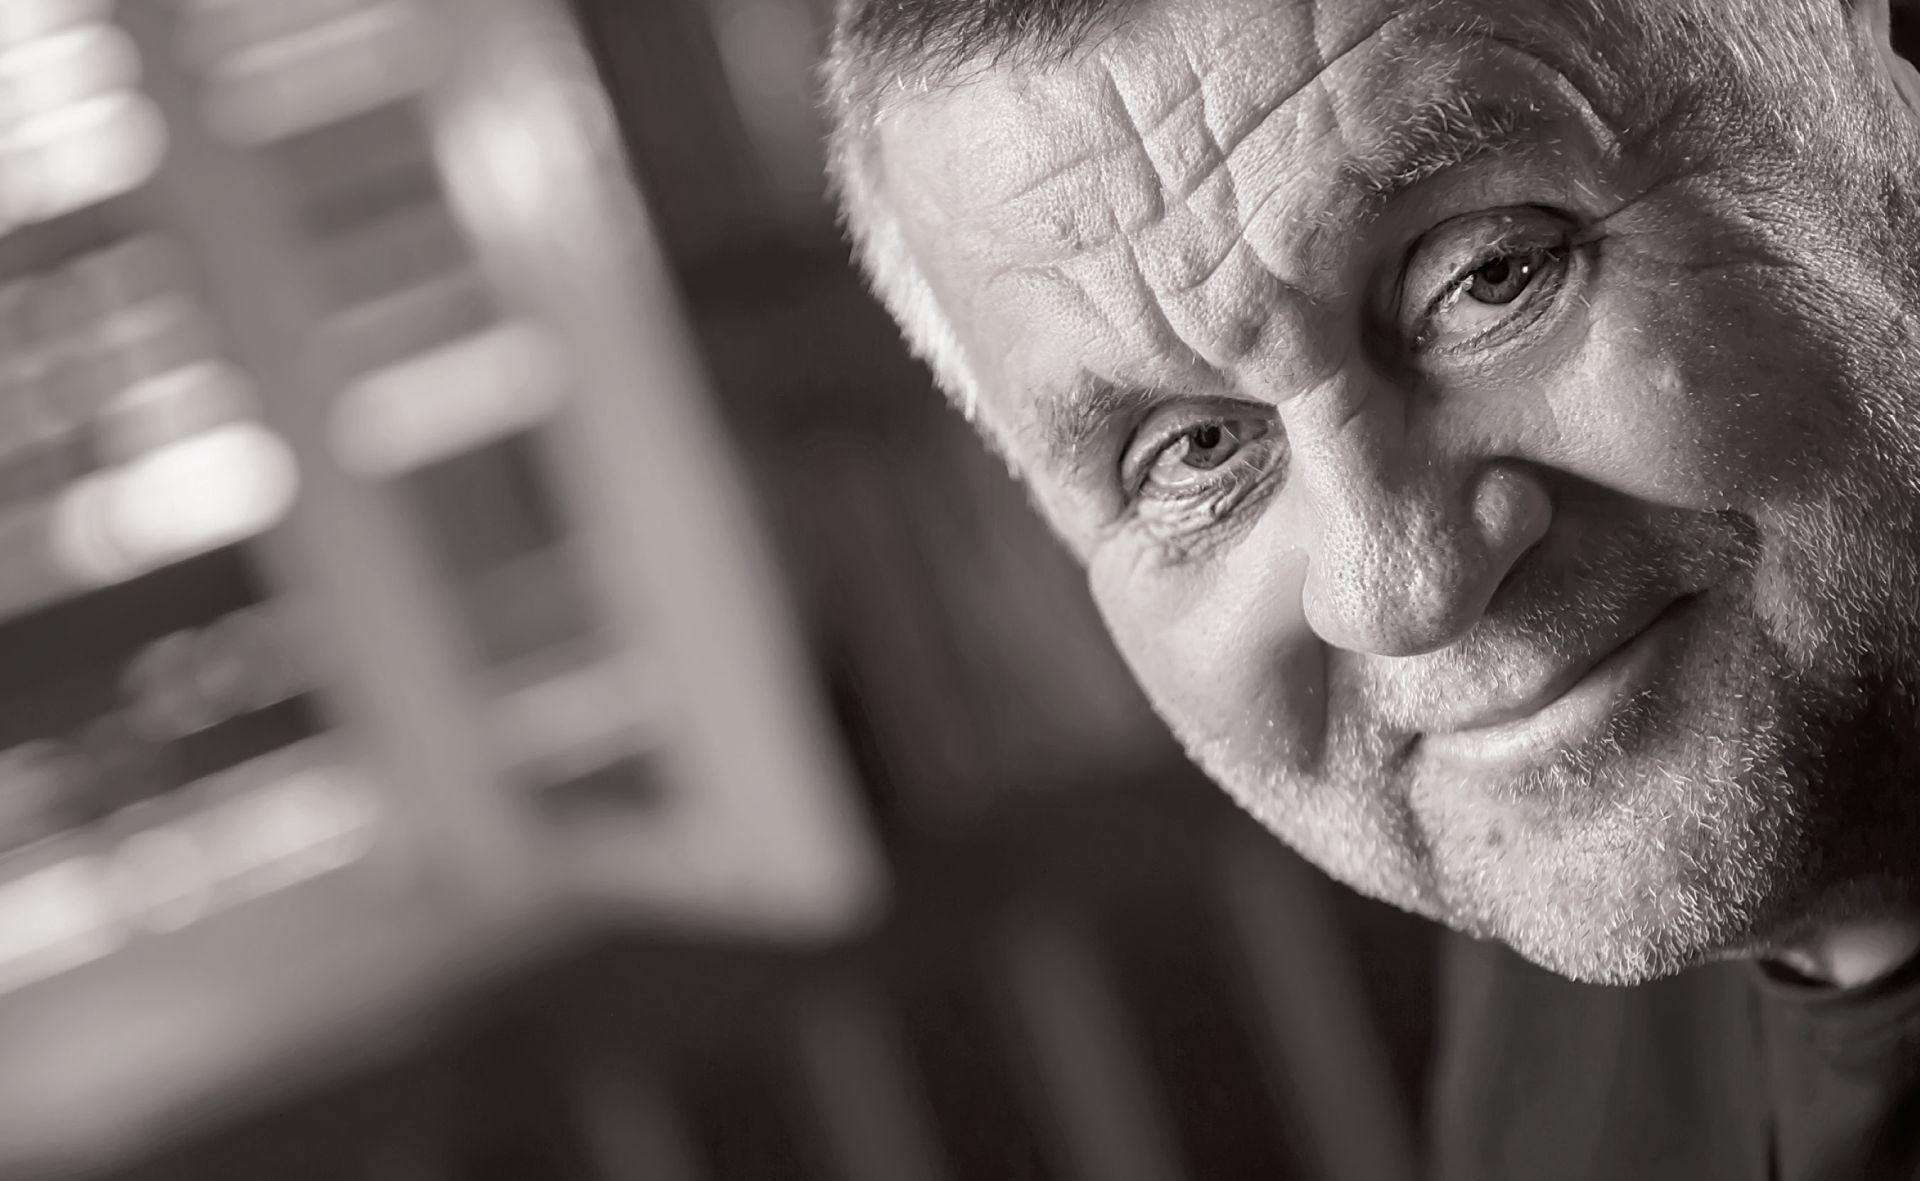 INTERVIEW: RAJKO GRLIĆ 'Vlada je pala zato što je netko opet džepario Hrvatsku'